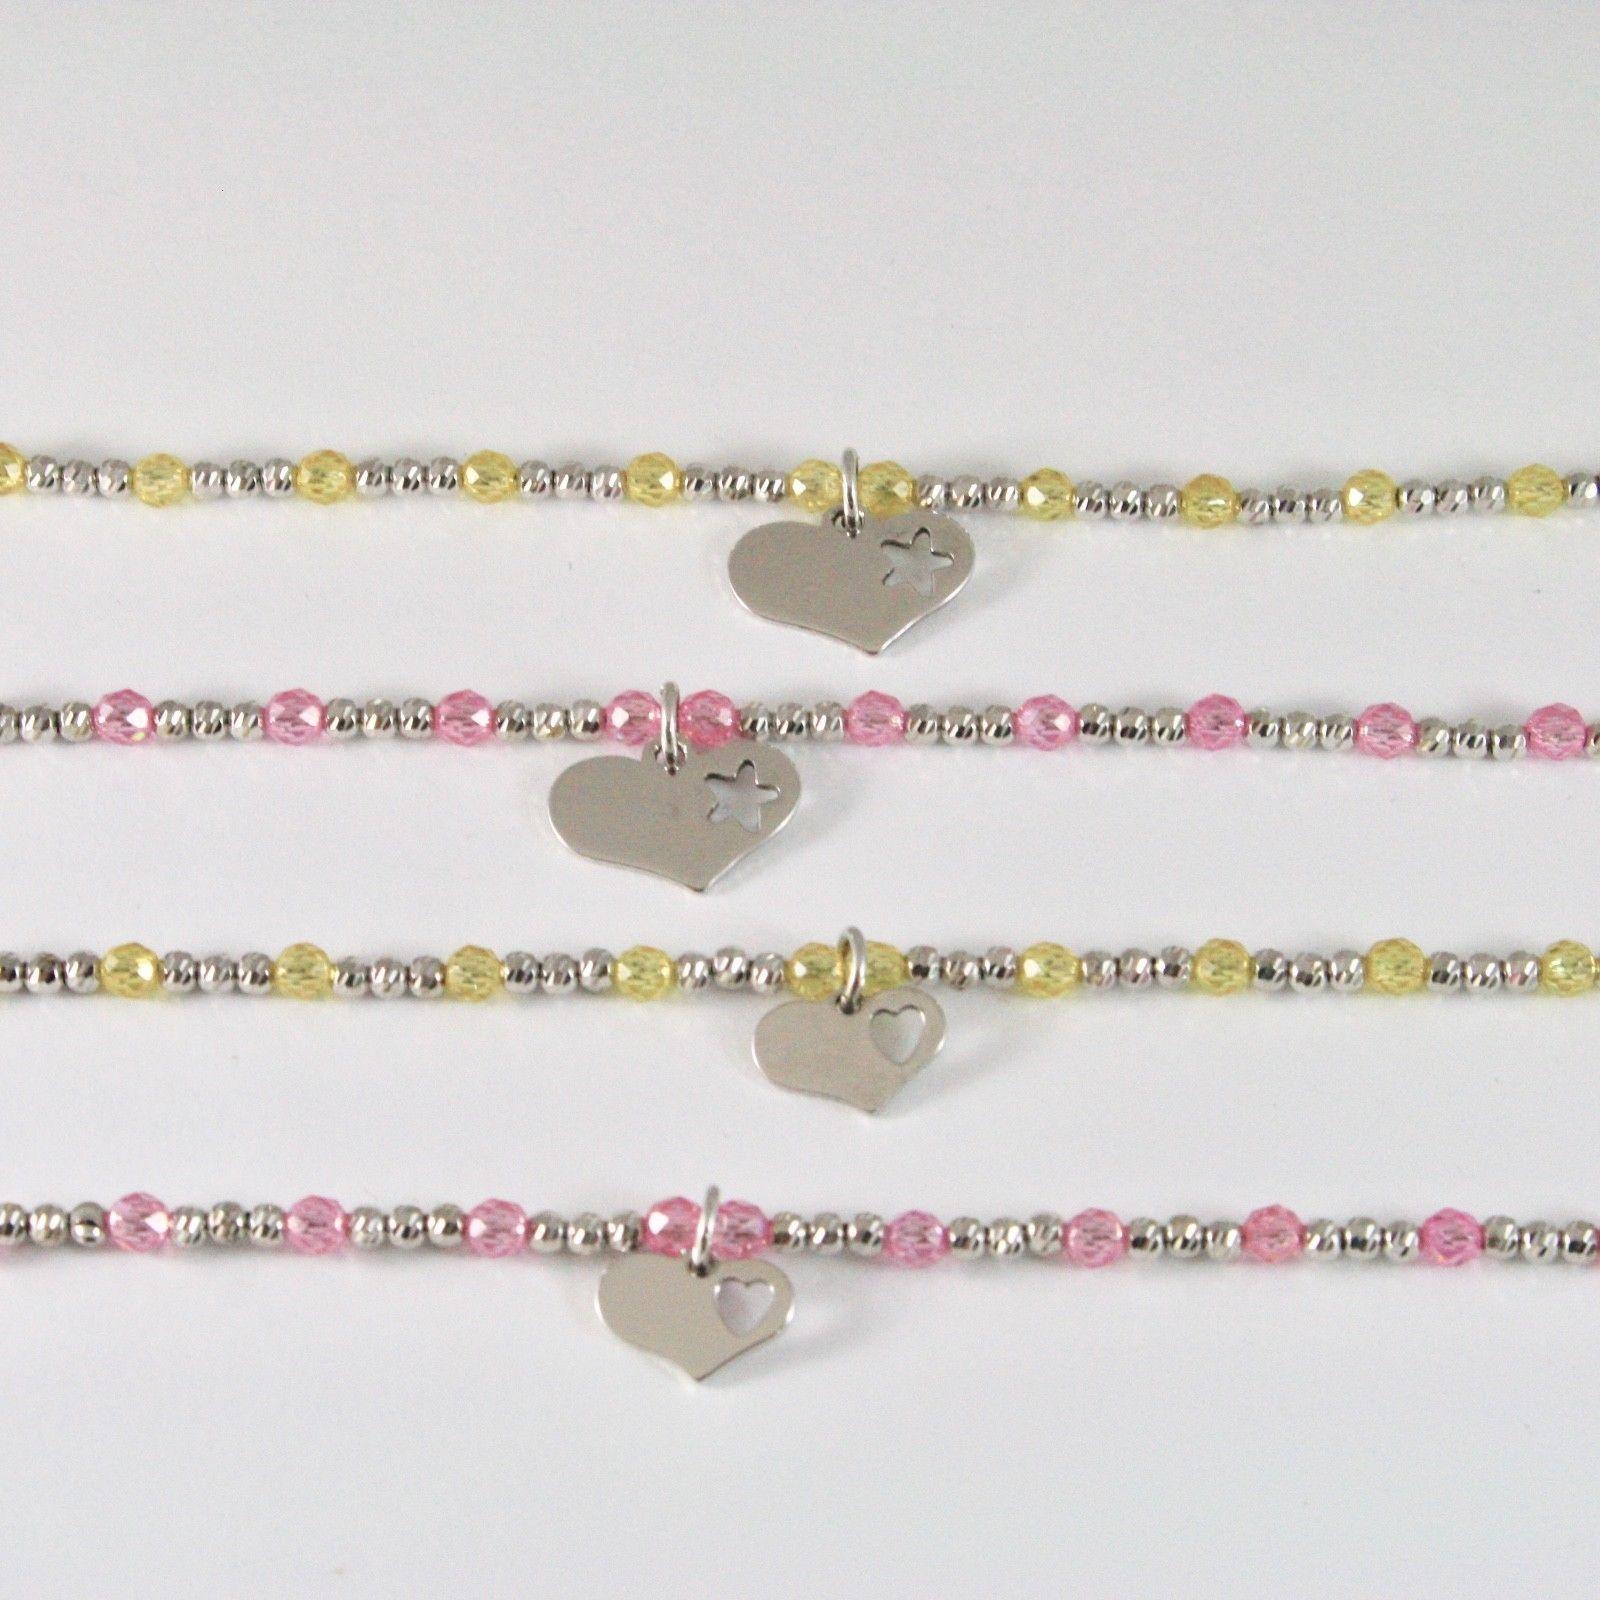 Bracelet en Argent 925 Rhodium avec Zirconia Cubique Billes et Pendentif Cœur